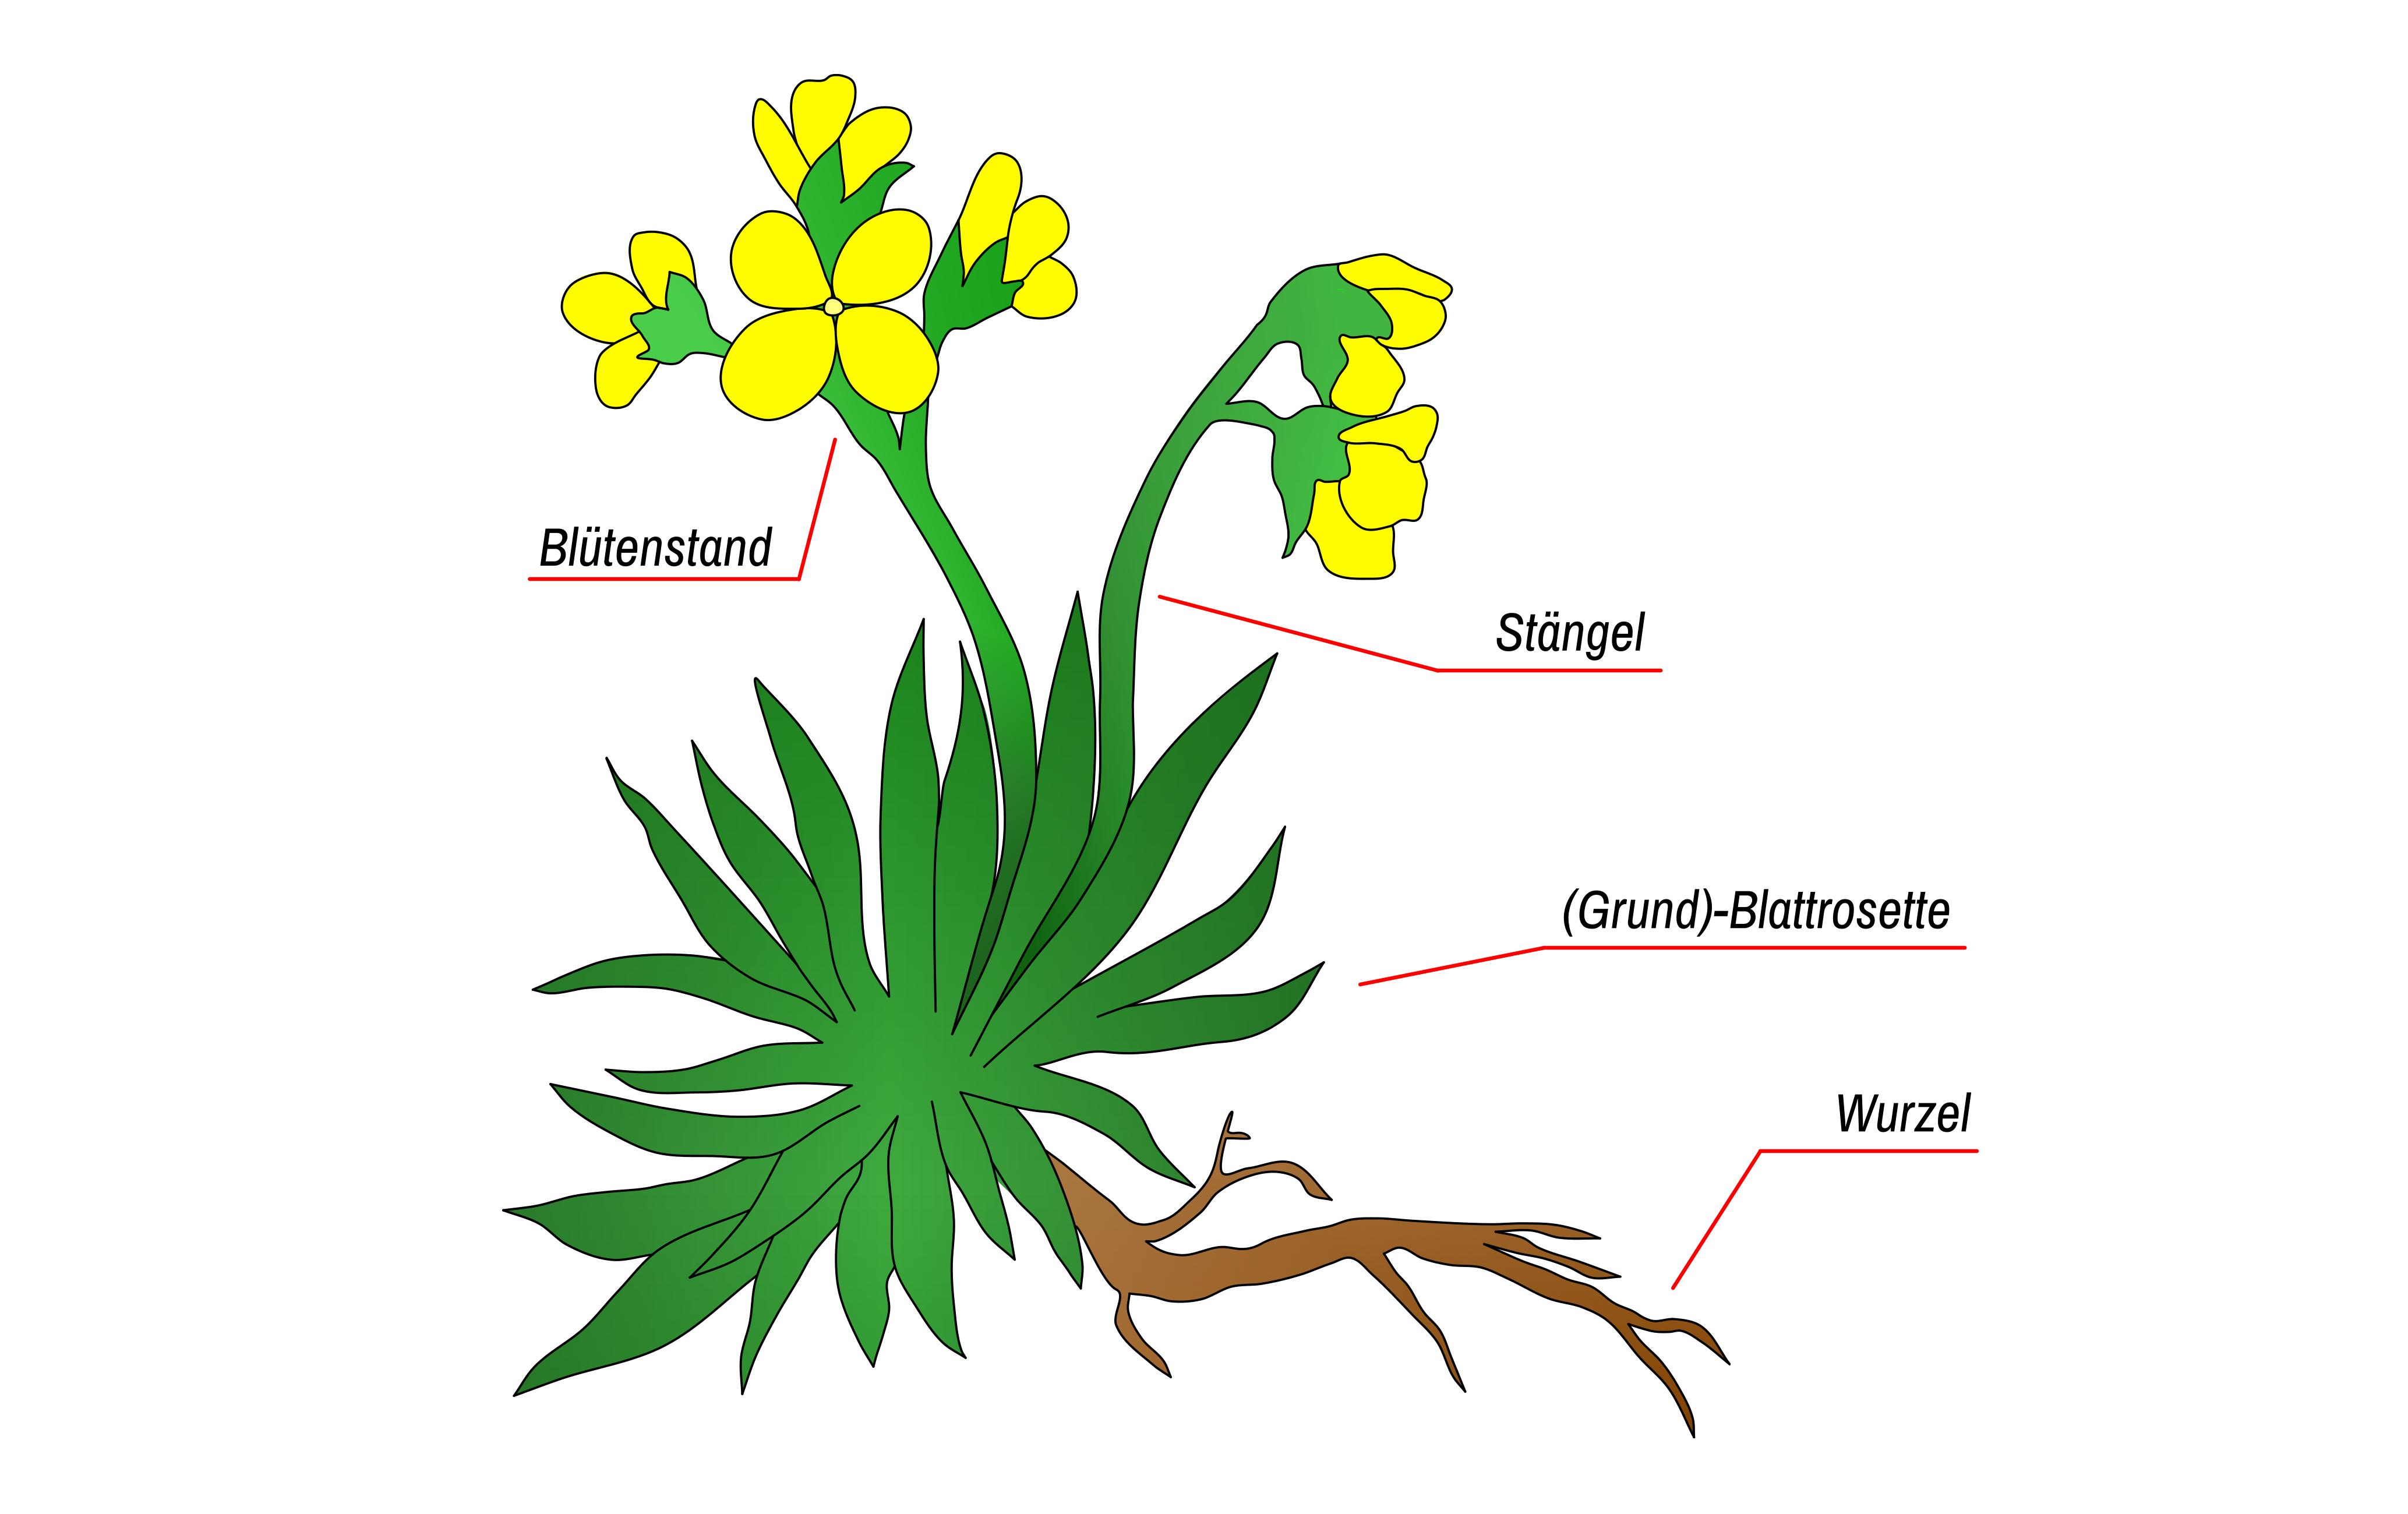 Pflanzenbestimmung - Aufbau einer Pflanze